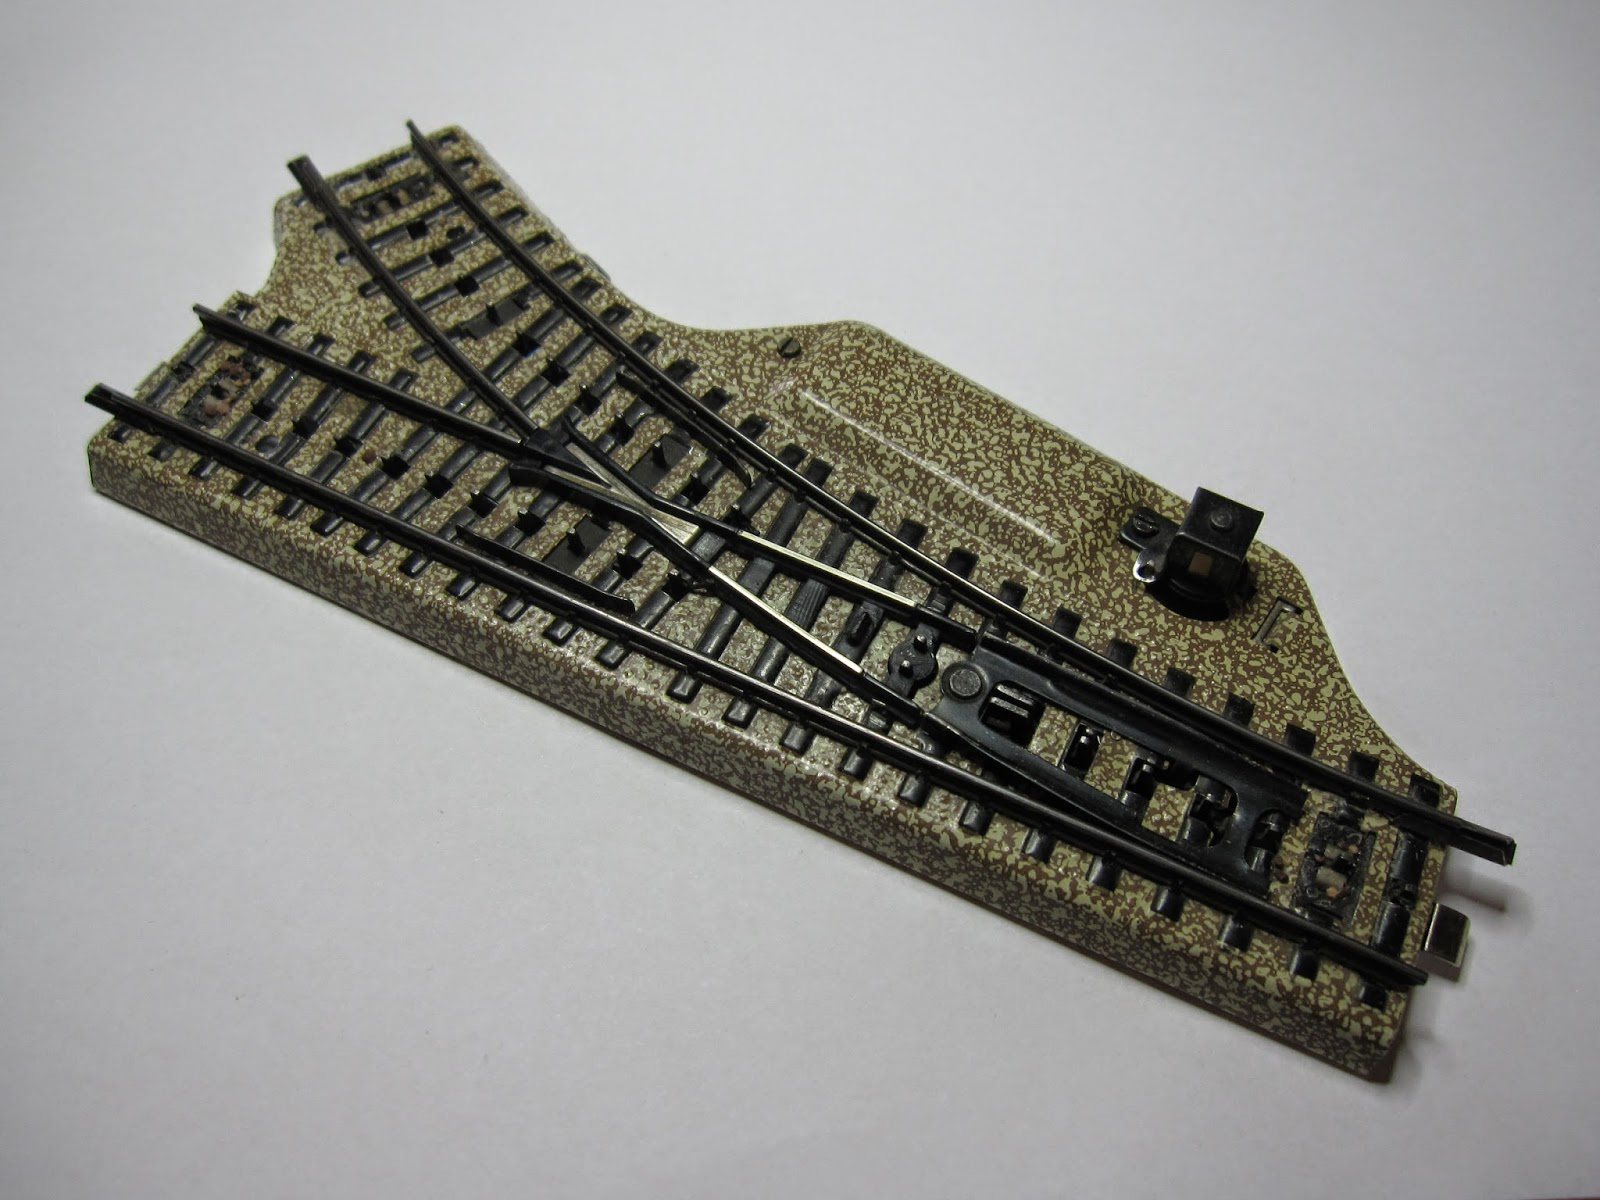 Modellbahn-Technik-Blog: Die polarisierte M-Gleis-Weiche ...